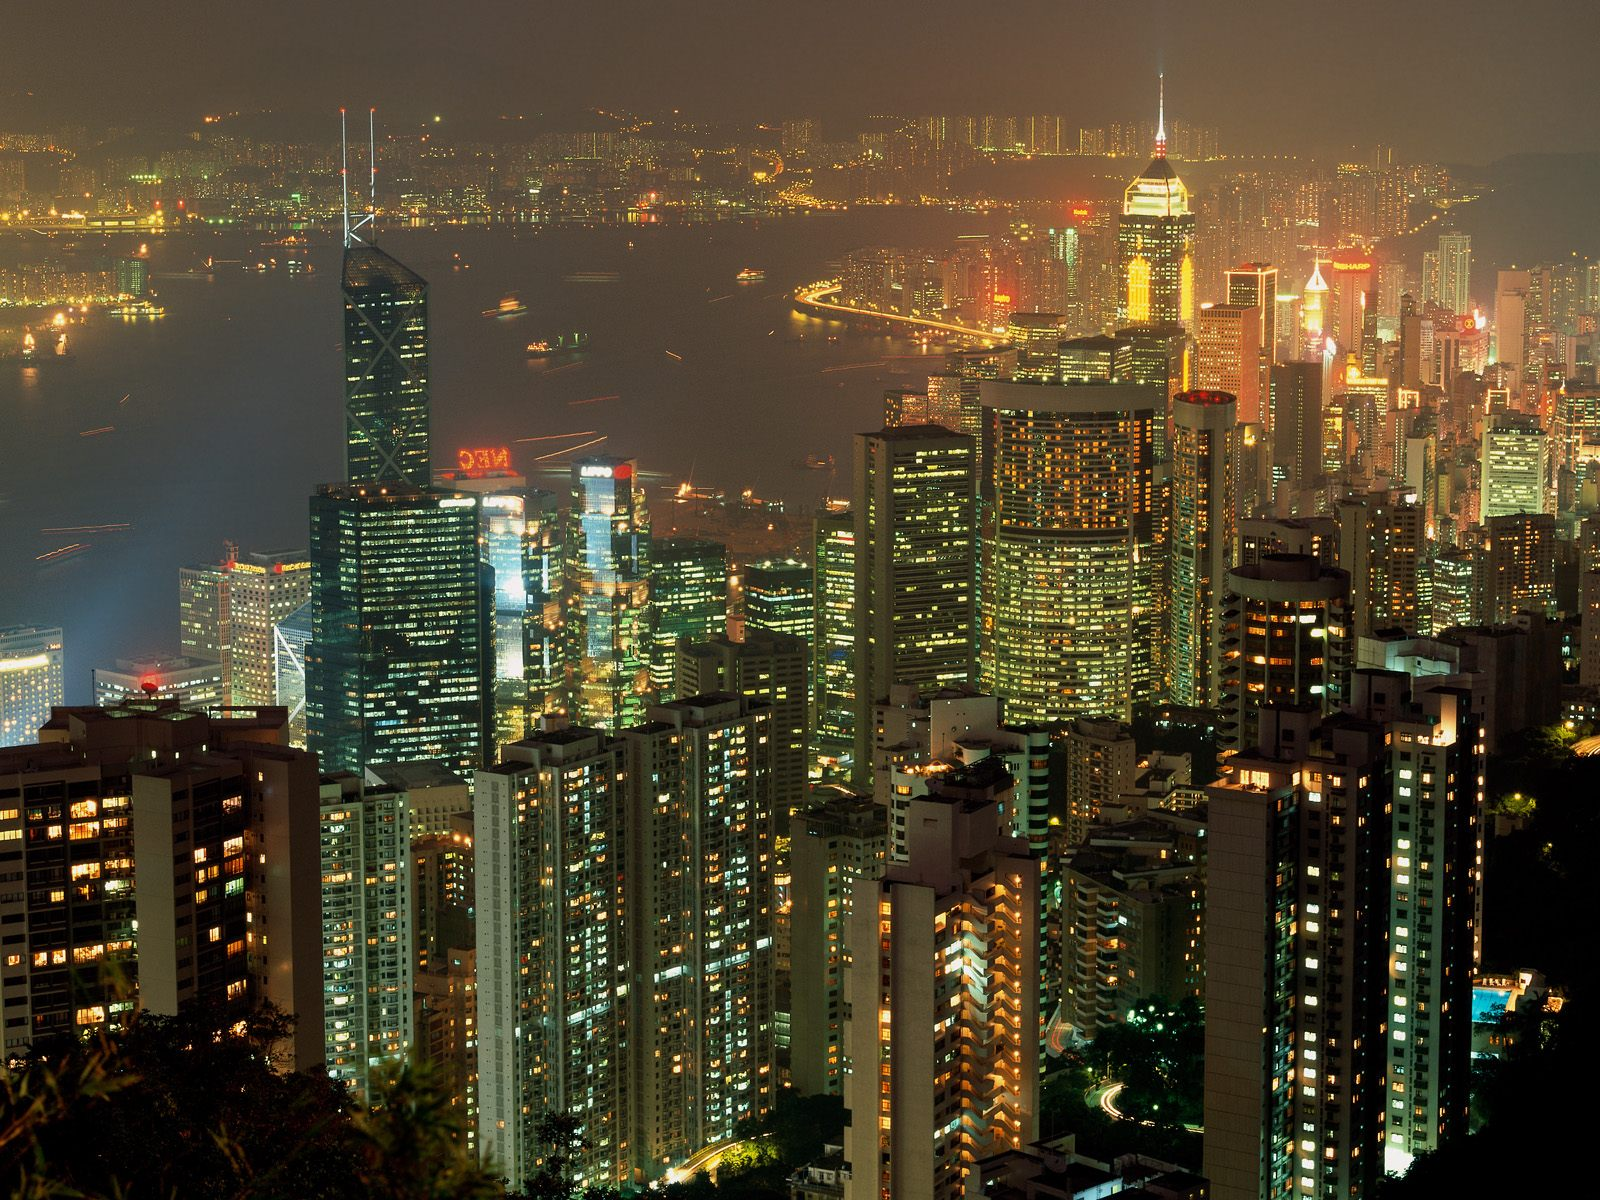 http://3.bp.blogspot.com/-GCLIxIxVayA/Td9Uiik1TfI/AAAAAAAABMw/627Yl8wjduQ/s1600/hong_kong_lights-5720.jpg